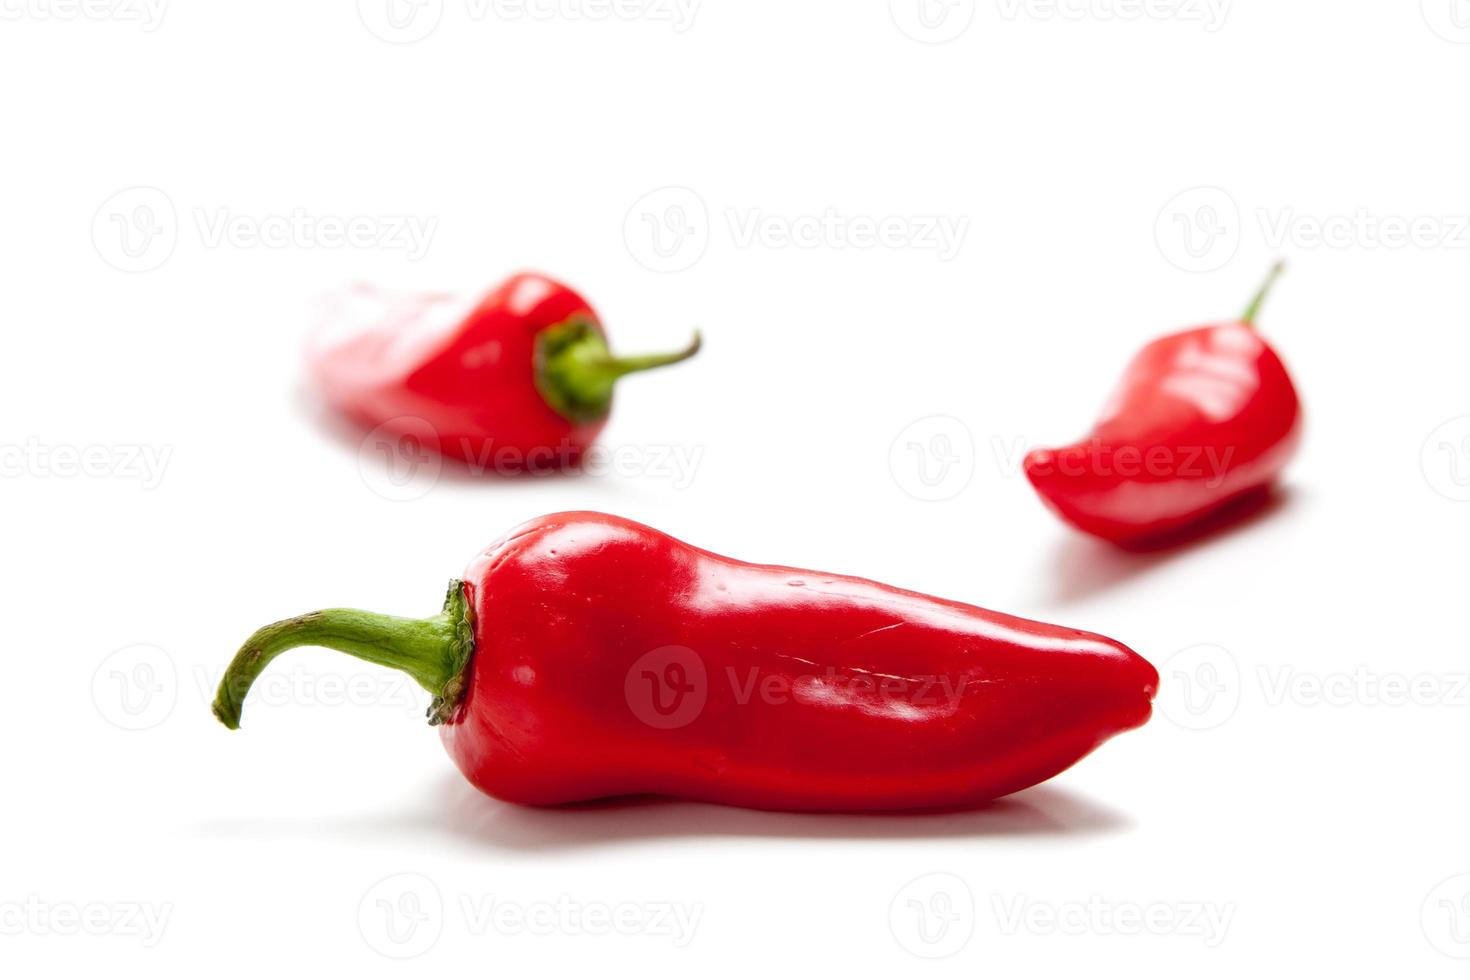 poivrons rouges chauds ou fresno photo